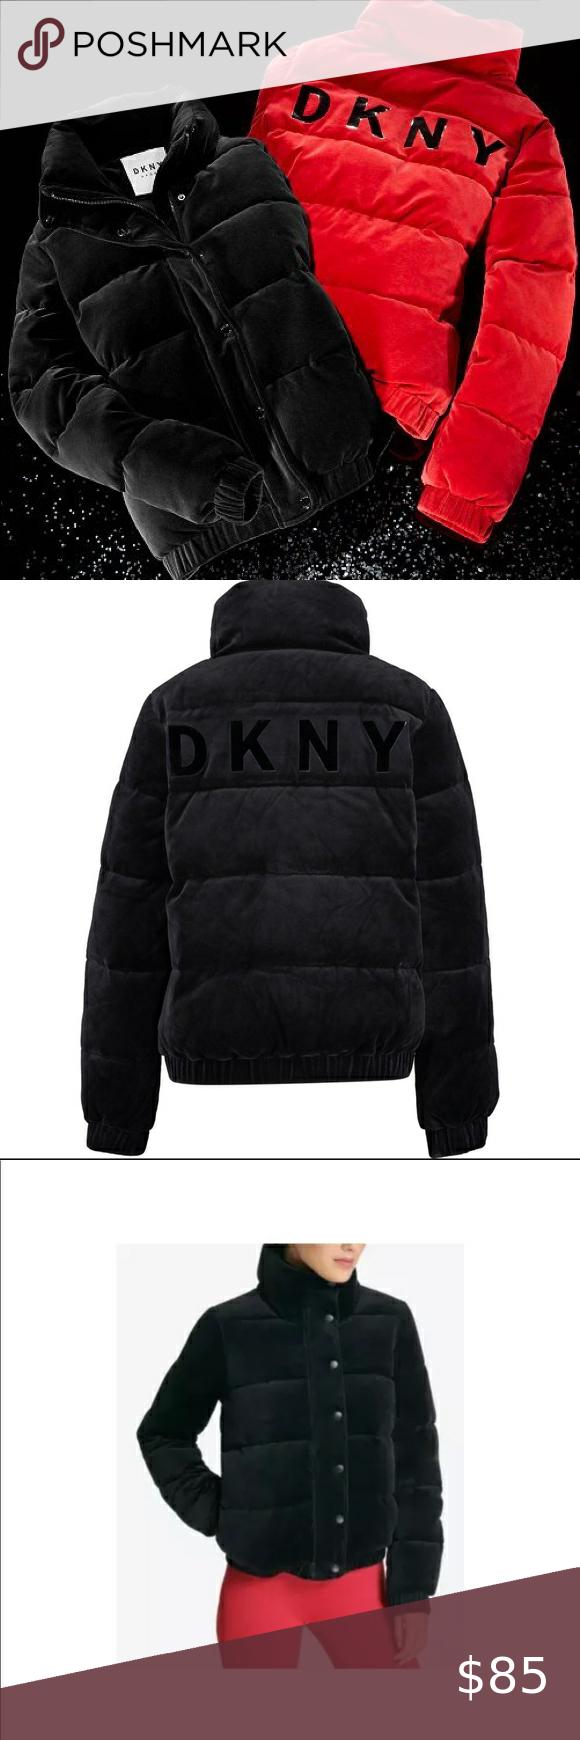 Dkny Sport Velour Puffer Jacket Sz Small Jackets Puffer Jackets Dkny [ 1740 x 580 Pixel ]